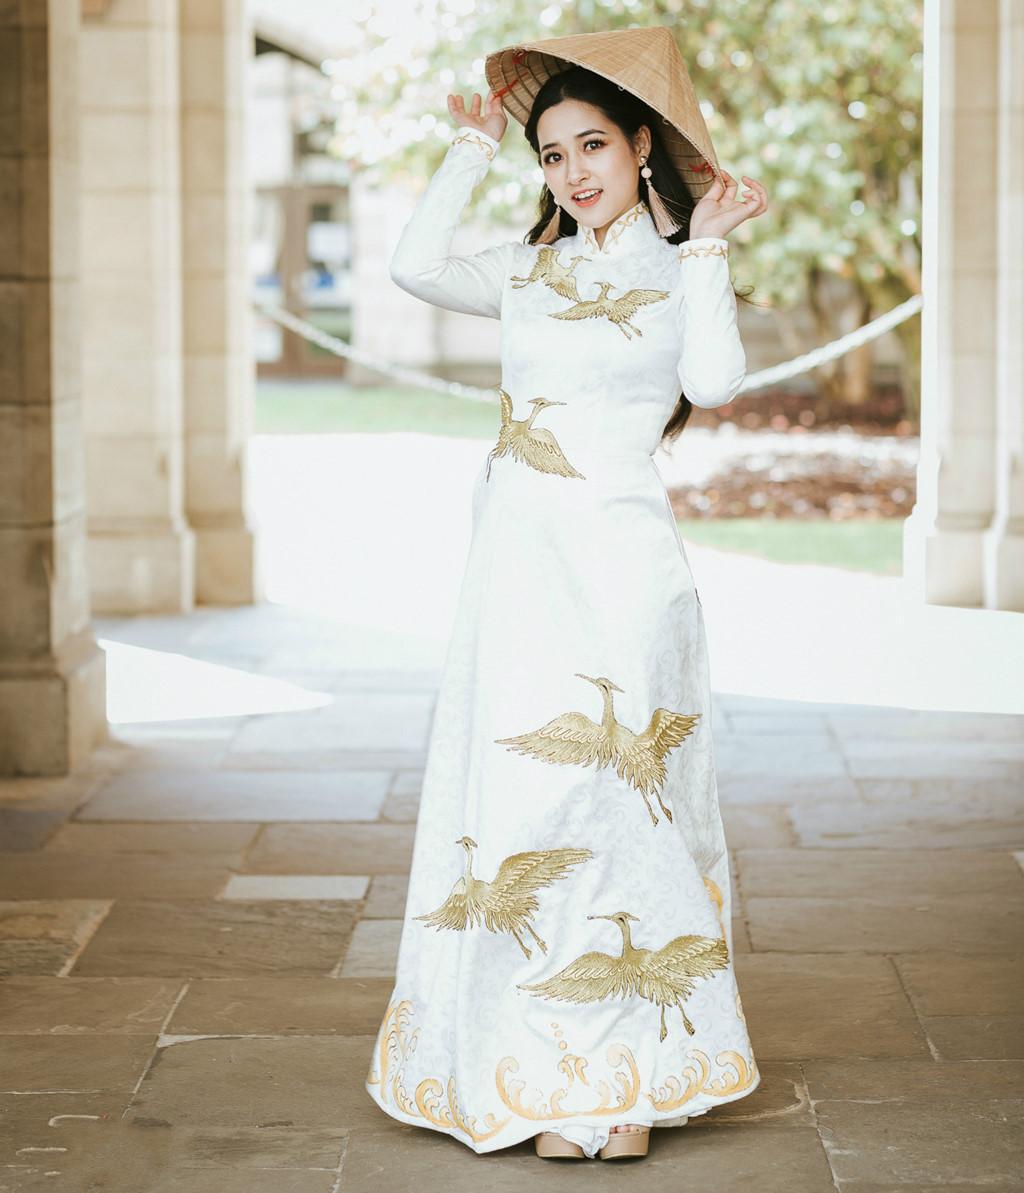 Nhan sắc đời thường của nữ sinh Việt vừa đăng quang hoa khôi tại Australia-4